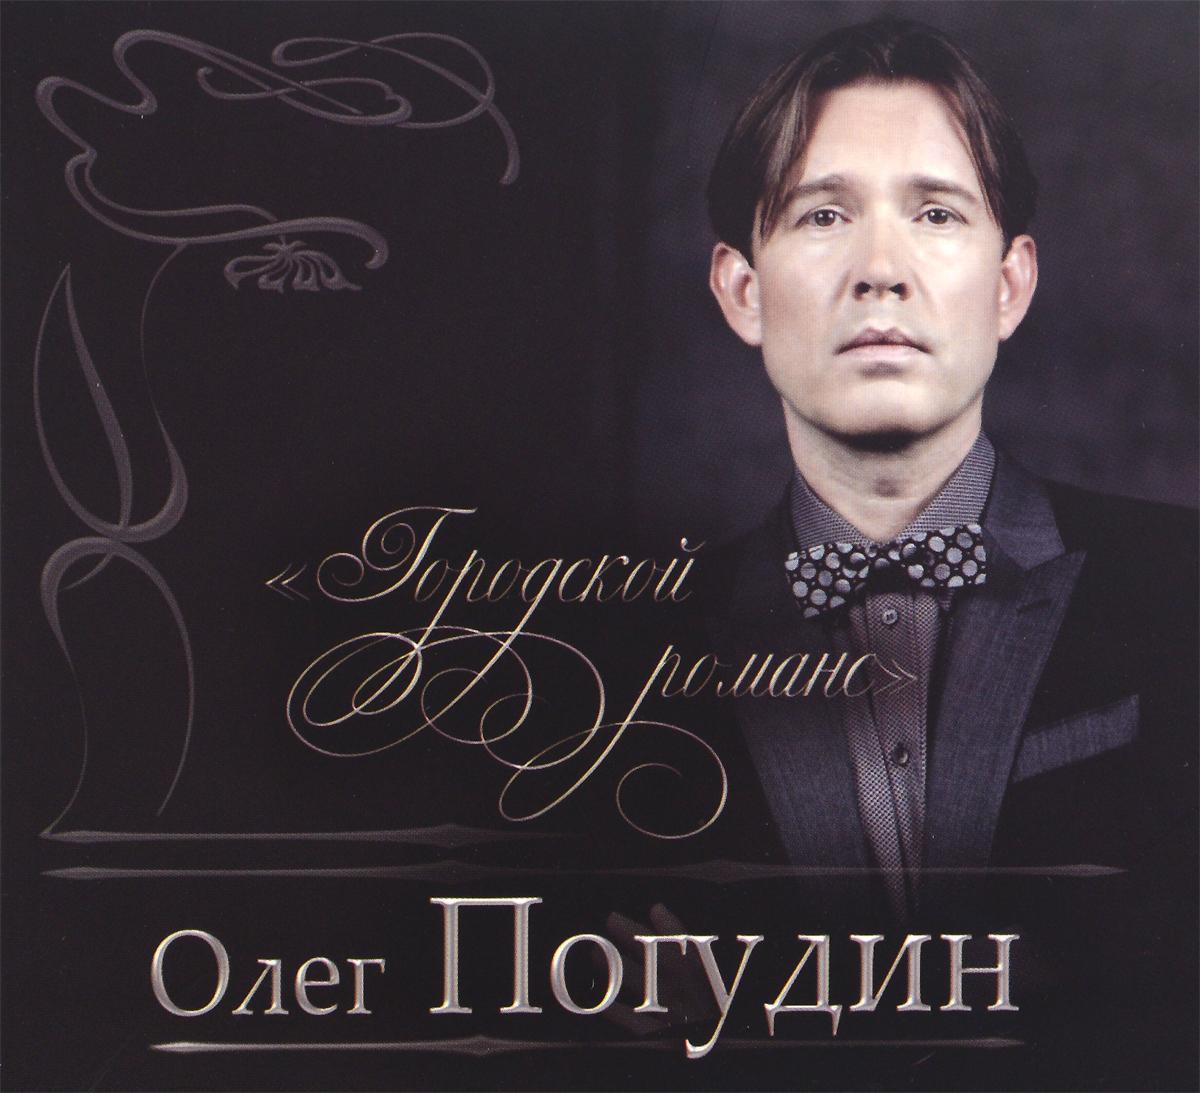 Олег Погудин. Городской романс (2 CD)